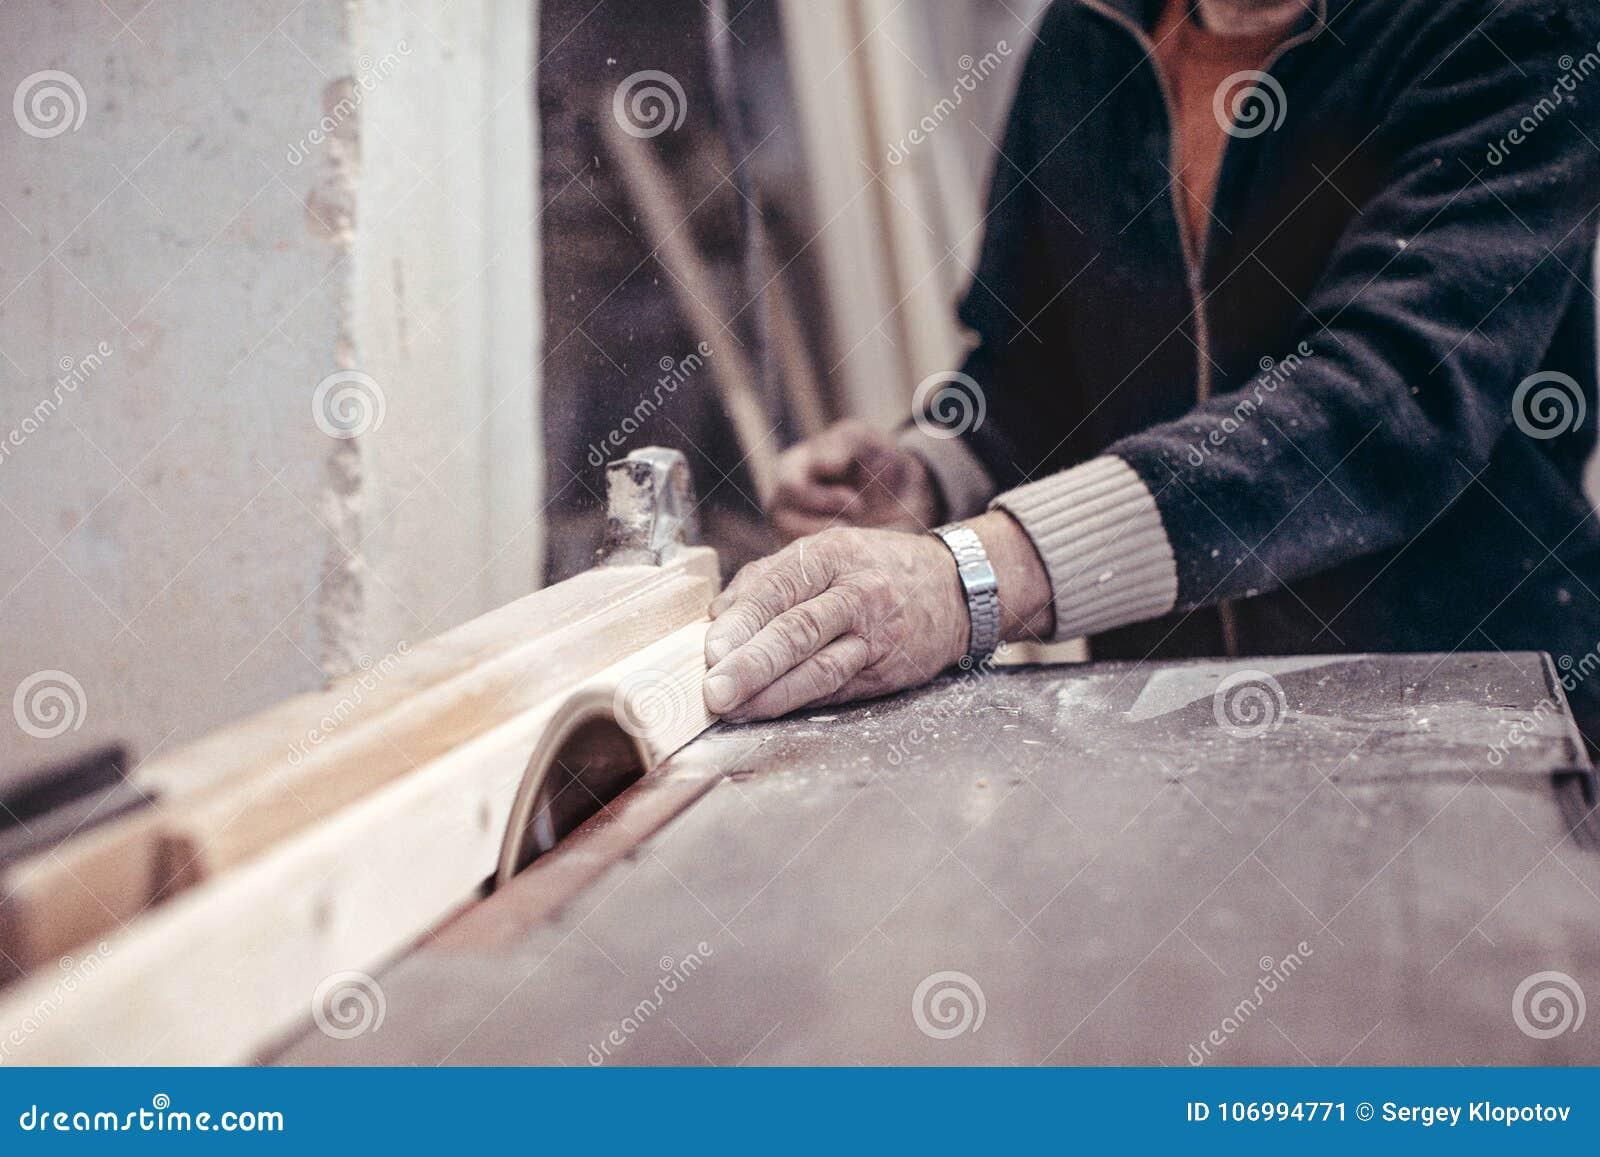 Een bejaarde timmerman zaagt een houten werkstuk